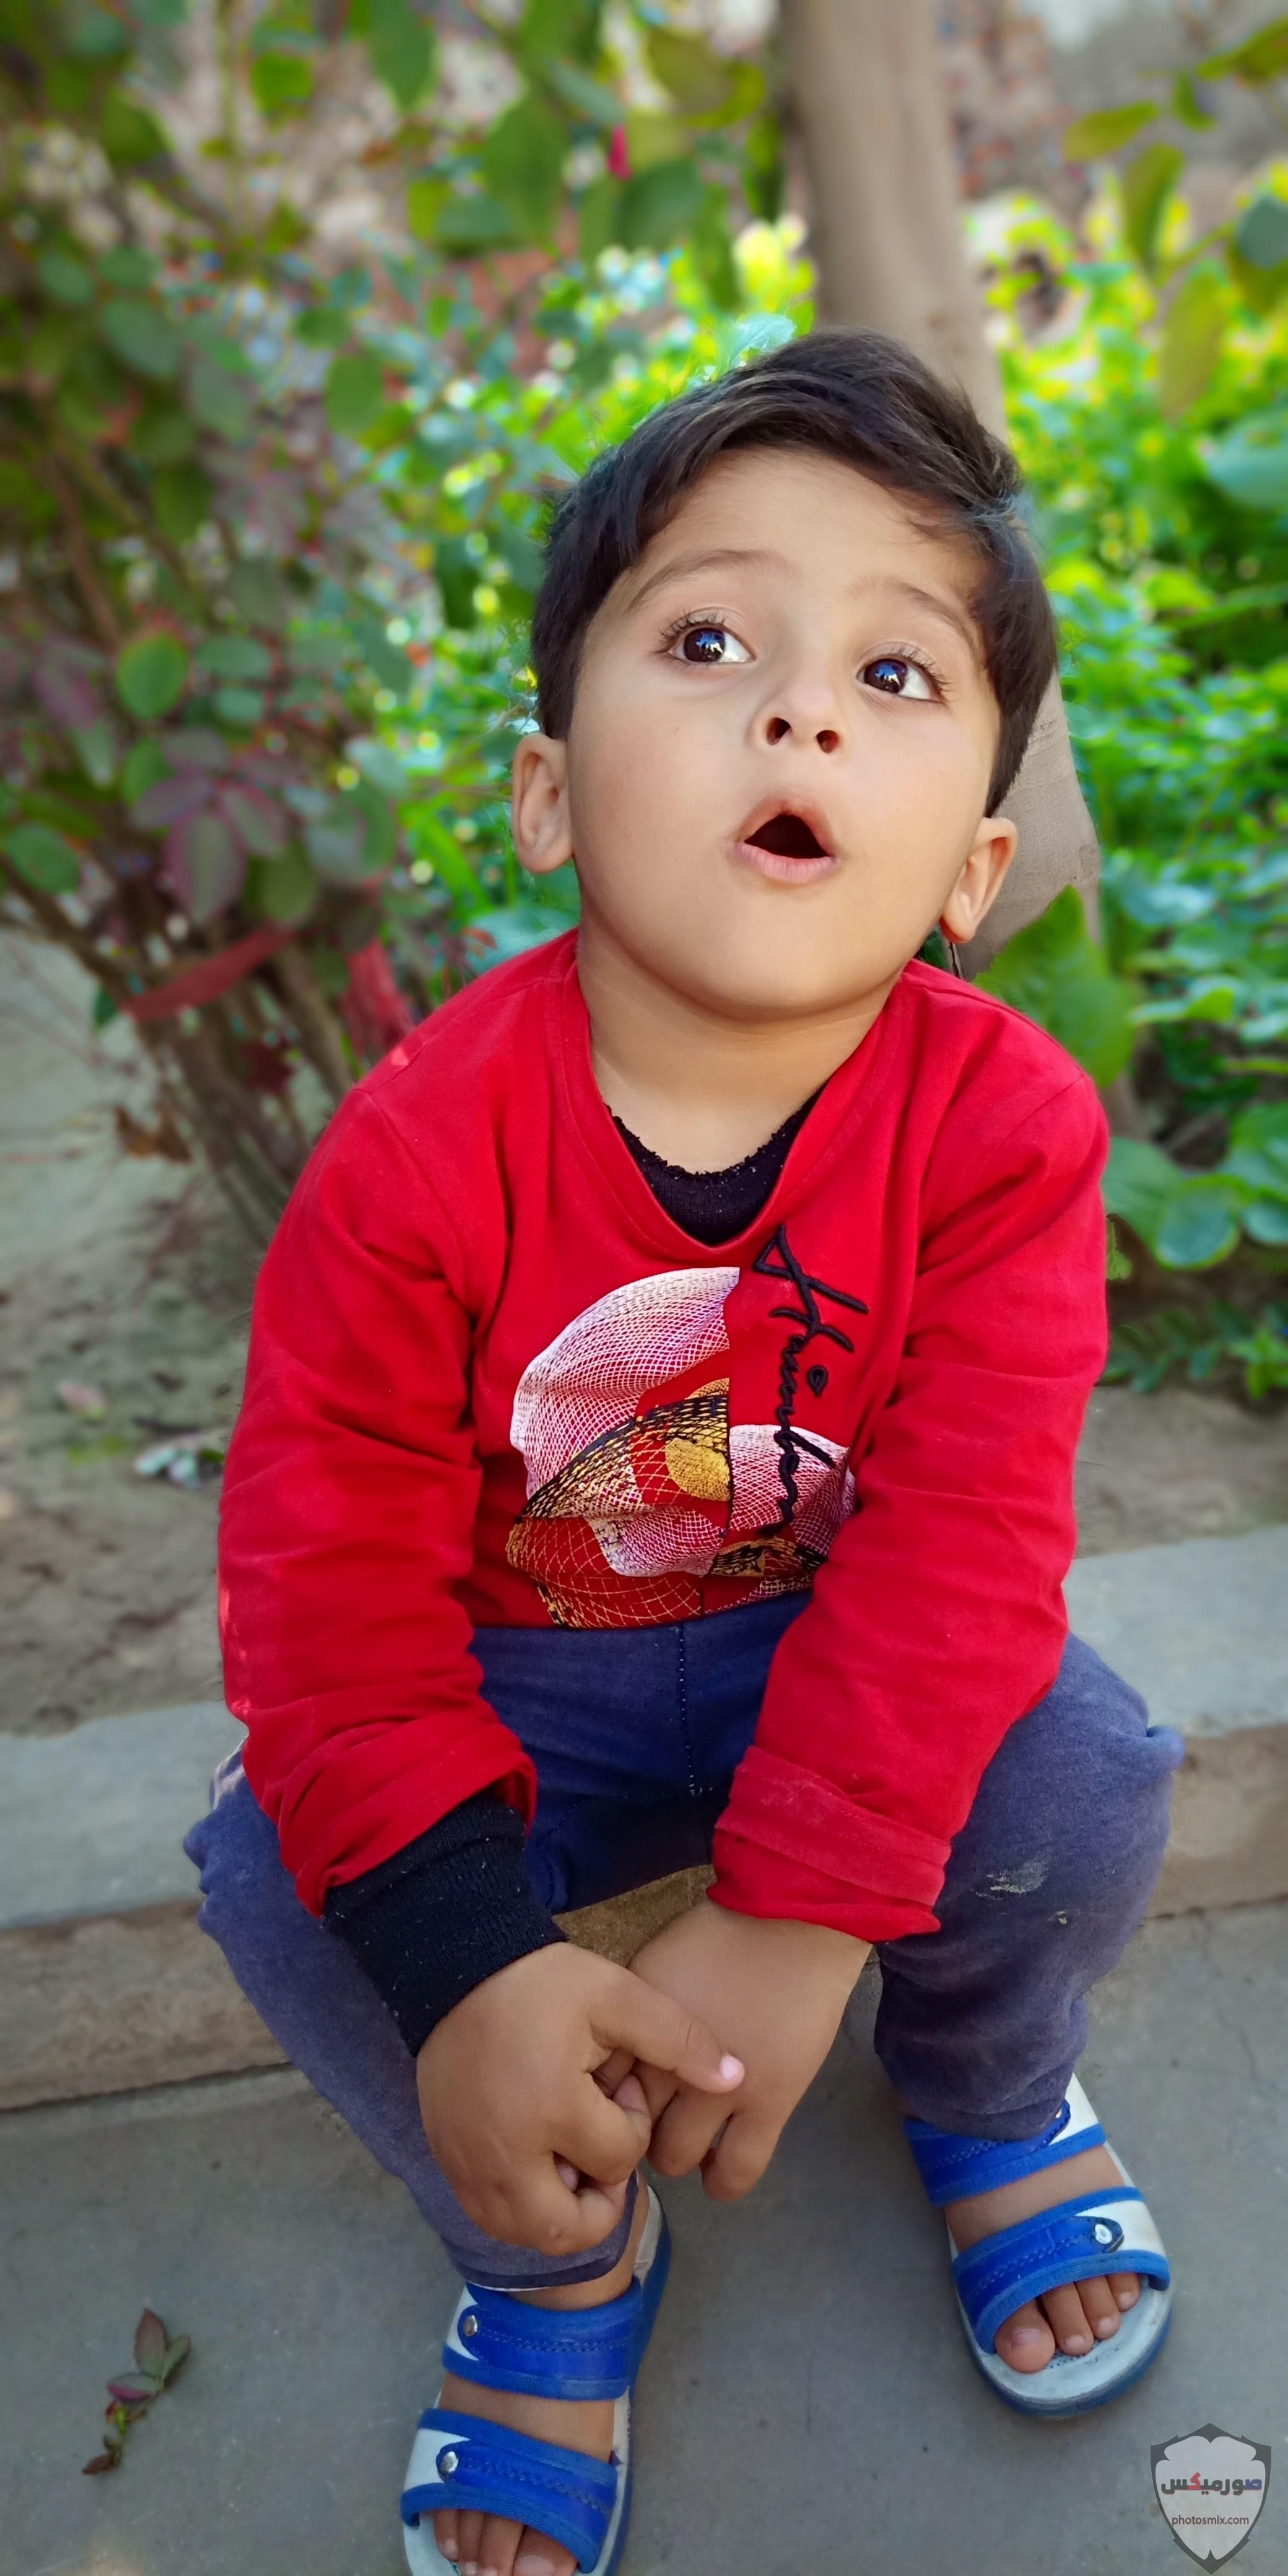 صور اطفال 2021 تحميل اكثر من 100 صور اطفال جميلة صور اطفال روعة 2020 21 1